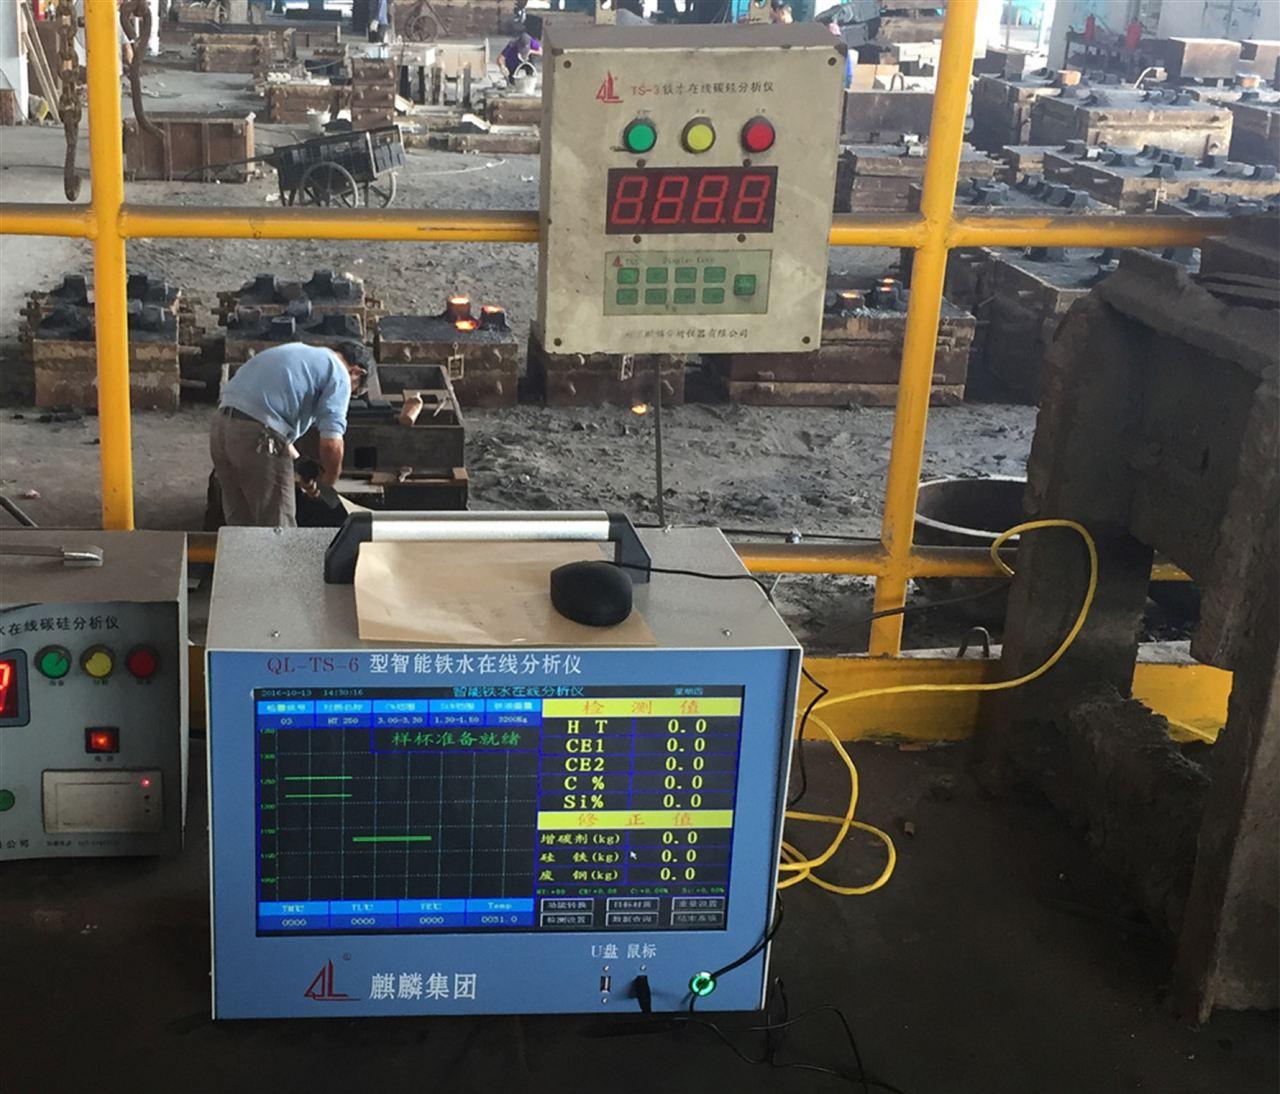 炉前碳硅分析仪解决了炉前铁水质量控制的难题